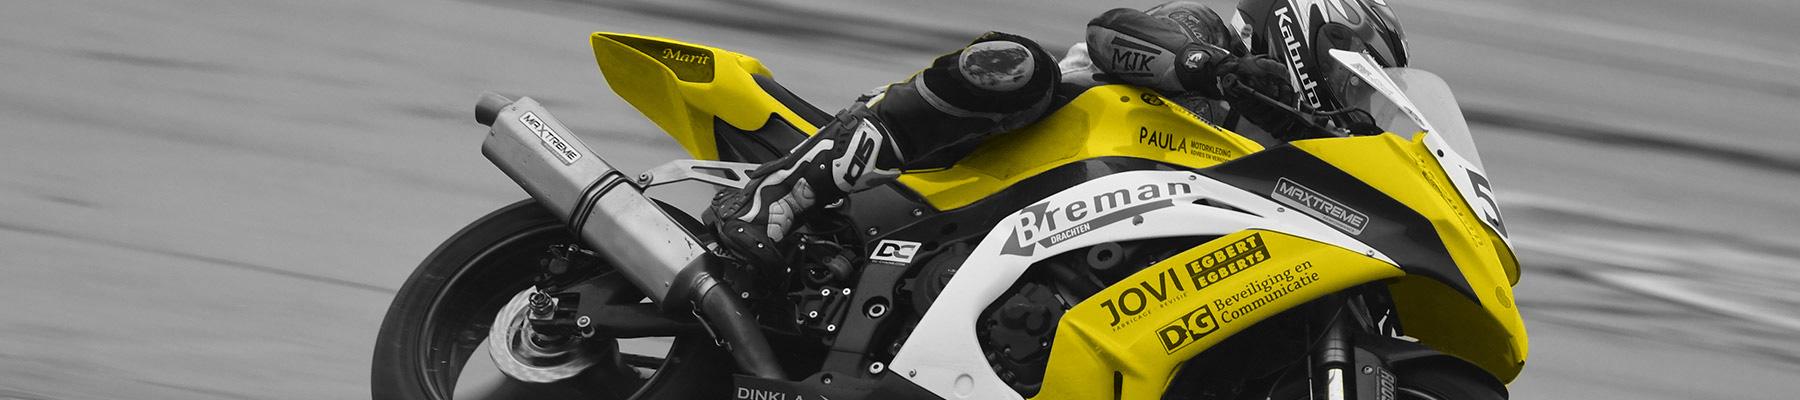 Sponsoring KBD Racing Team